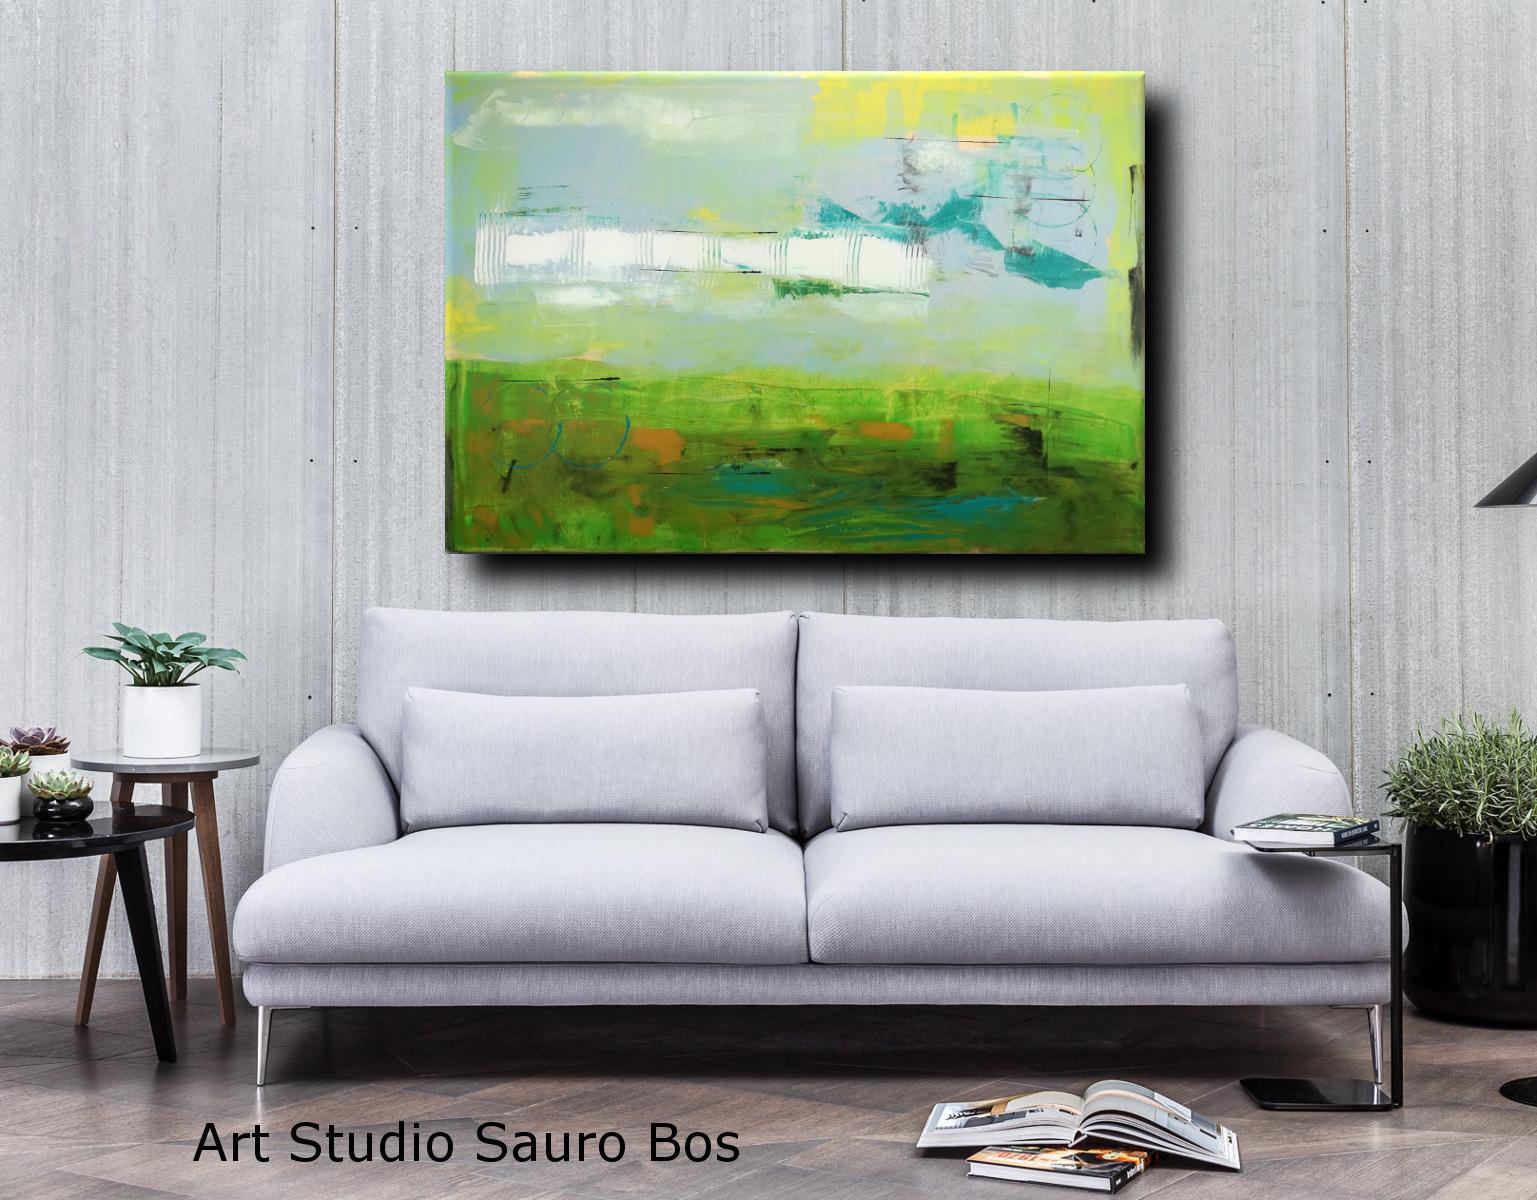 astratto forest 2 divbianco - quadri moderni per arredamento contemporaneo 120x80 verde